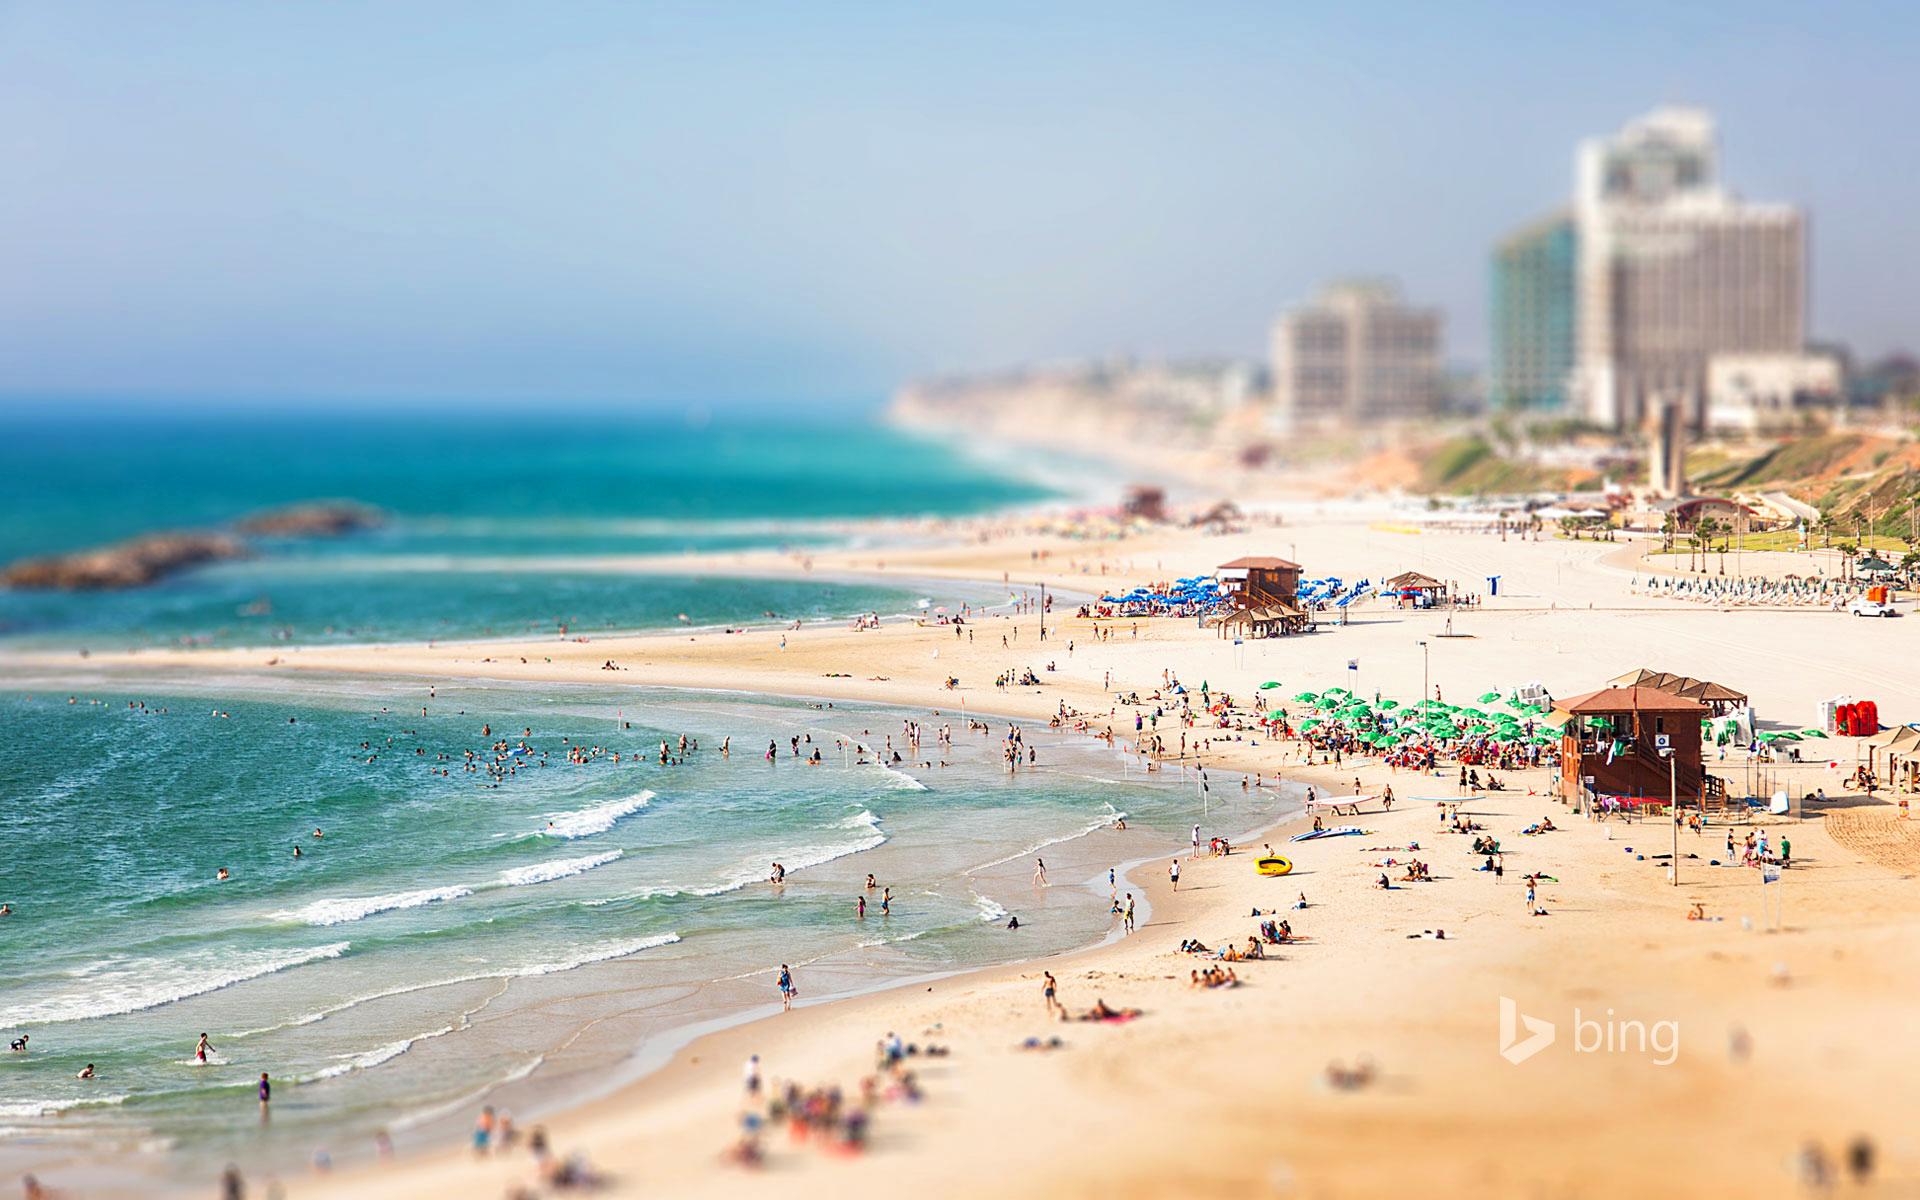 обои для рабочего стола виды израиля № 601265 бесплатно